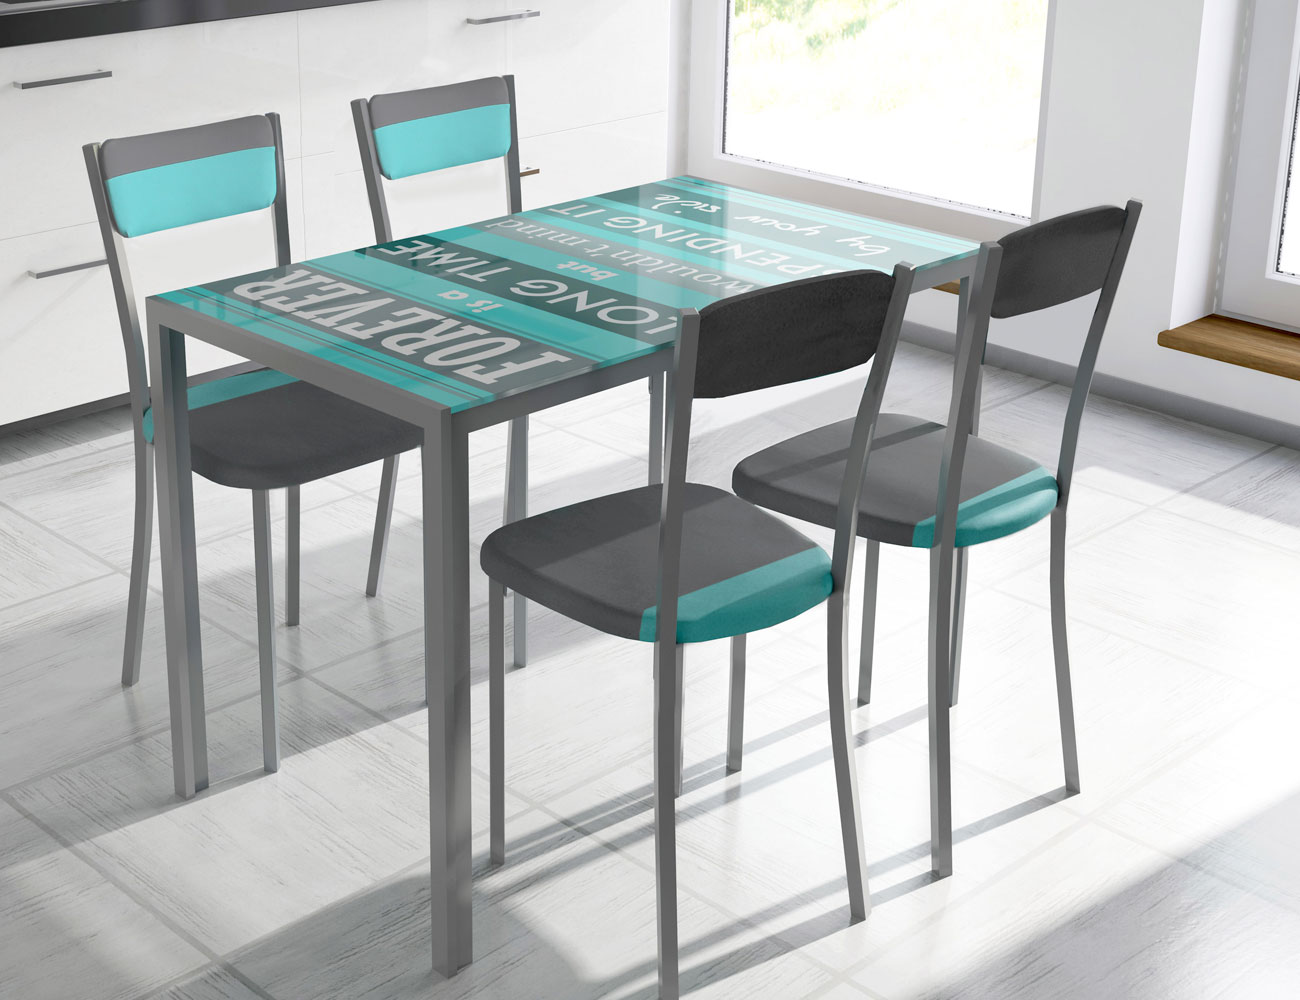 Mesa de cocina con cristal templando serigrafiado 3546 for Mesas de cristal cocina